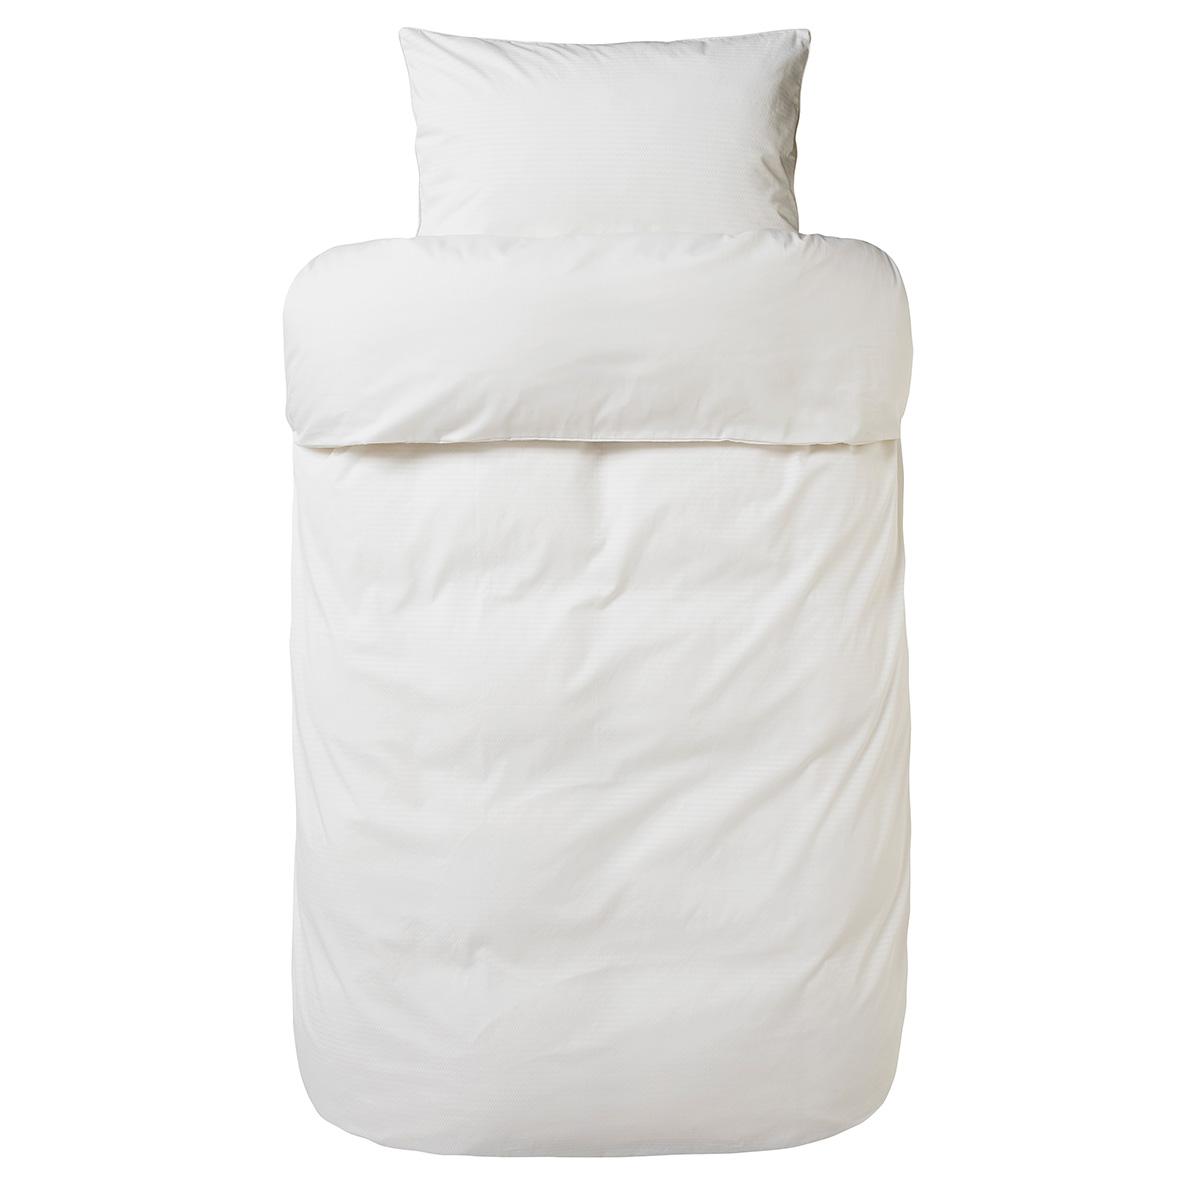 Billede af Høie sengetøj - Nobel - Hvid